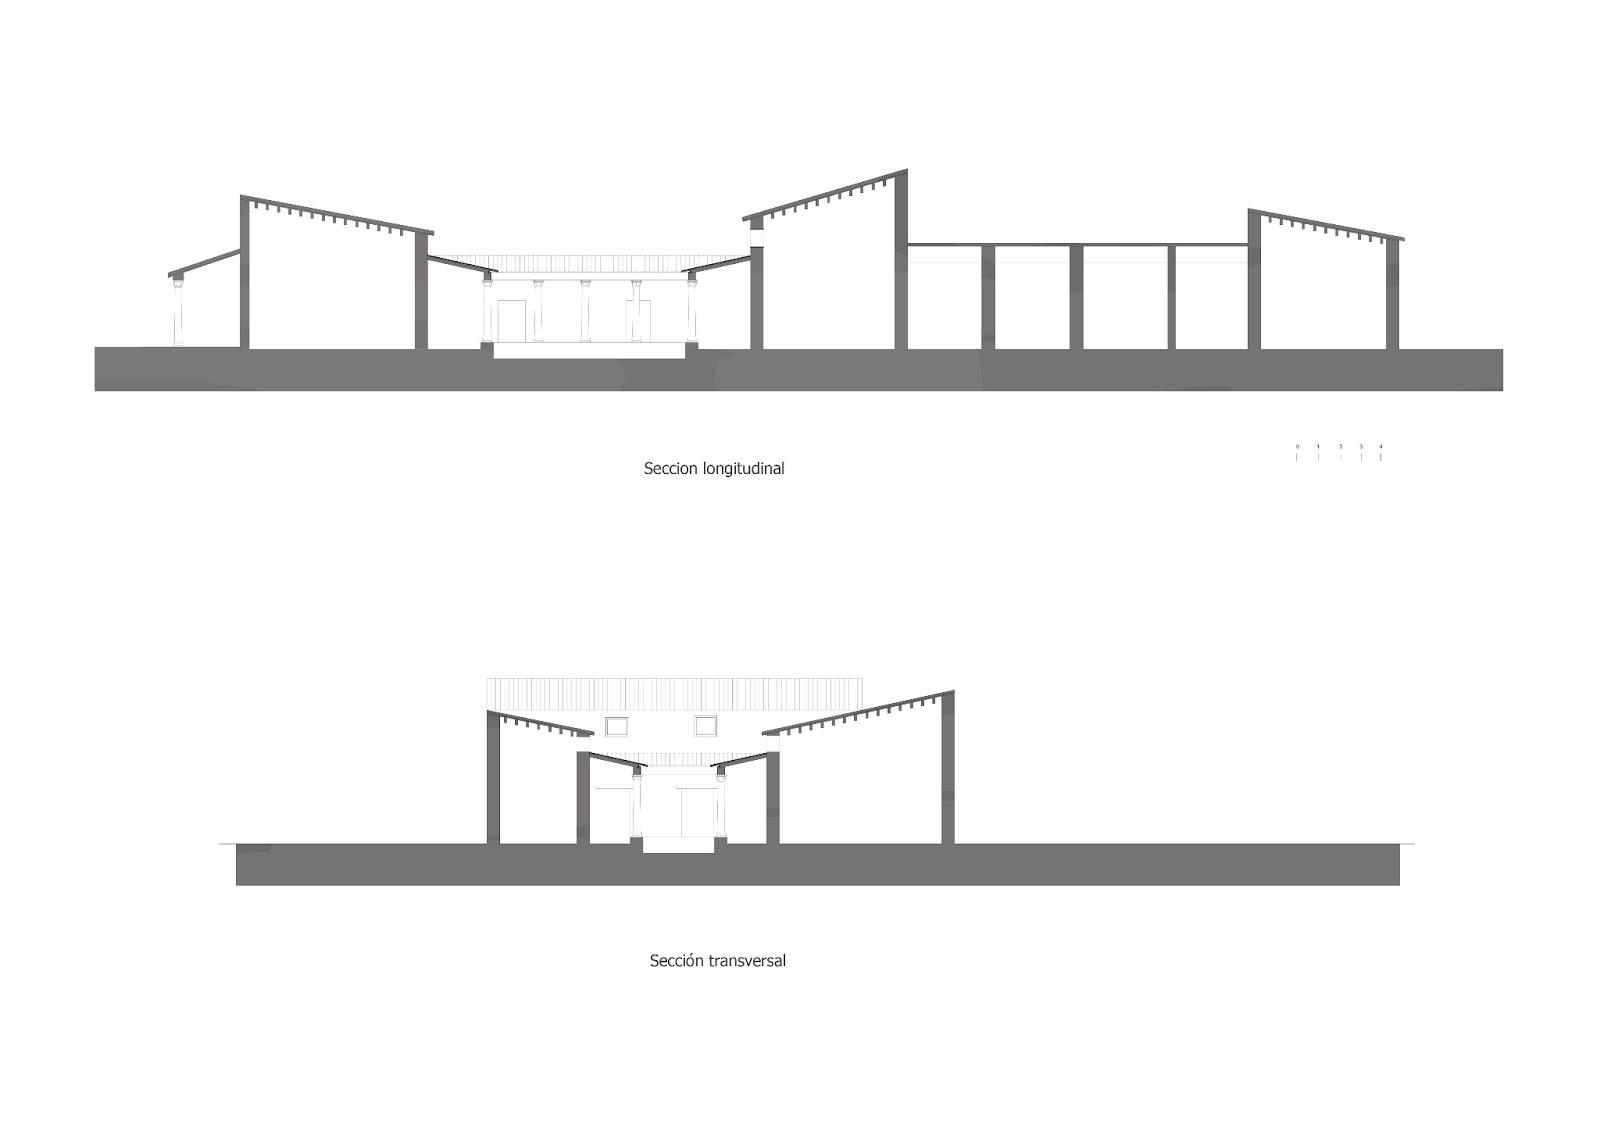 Ipat2013 carlosbernalramirez hip tesis 2 estructura de - Tipos de cubiertas inclinadas ...